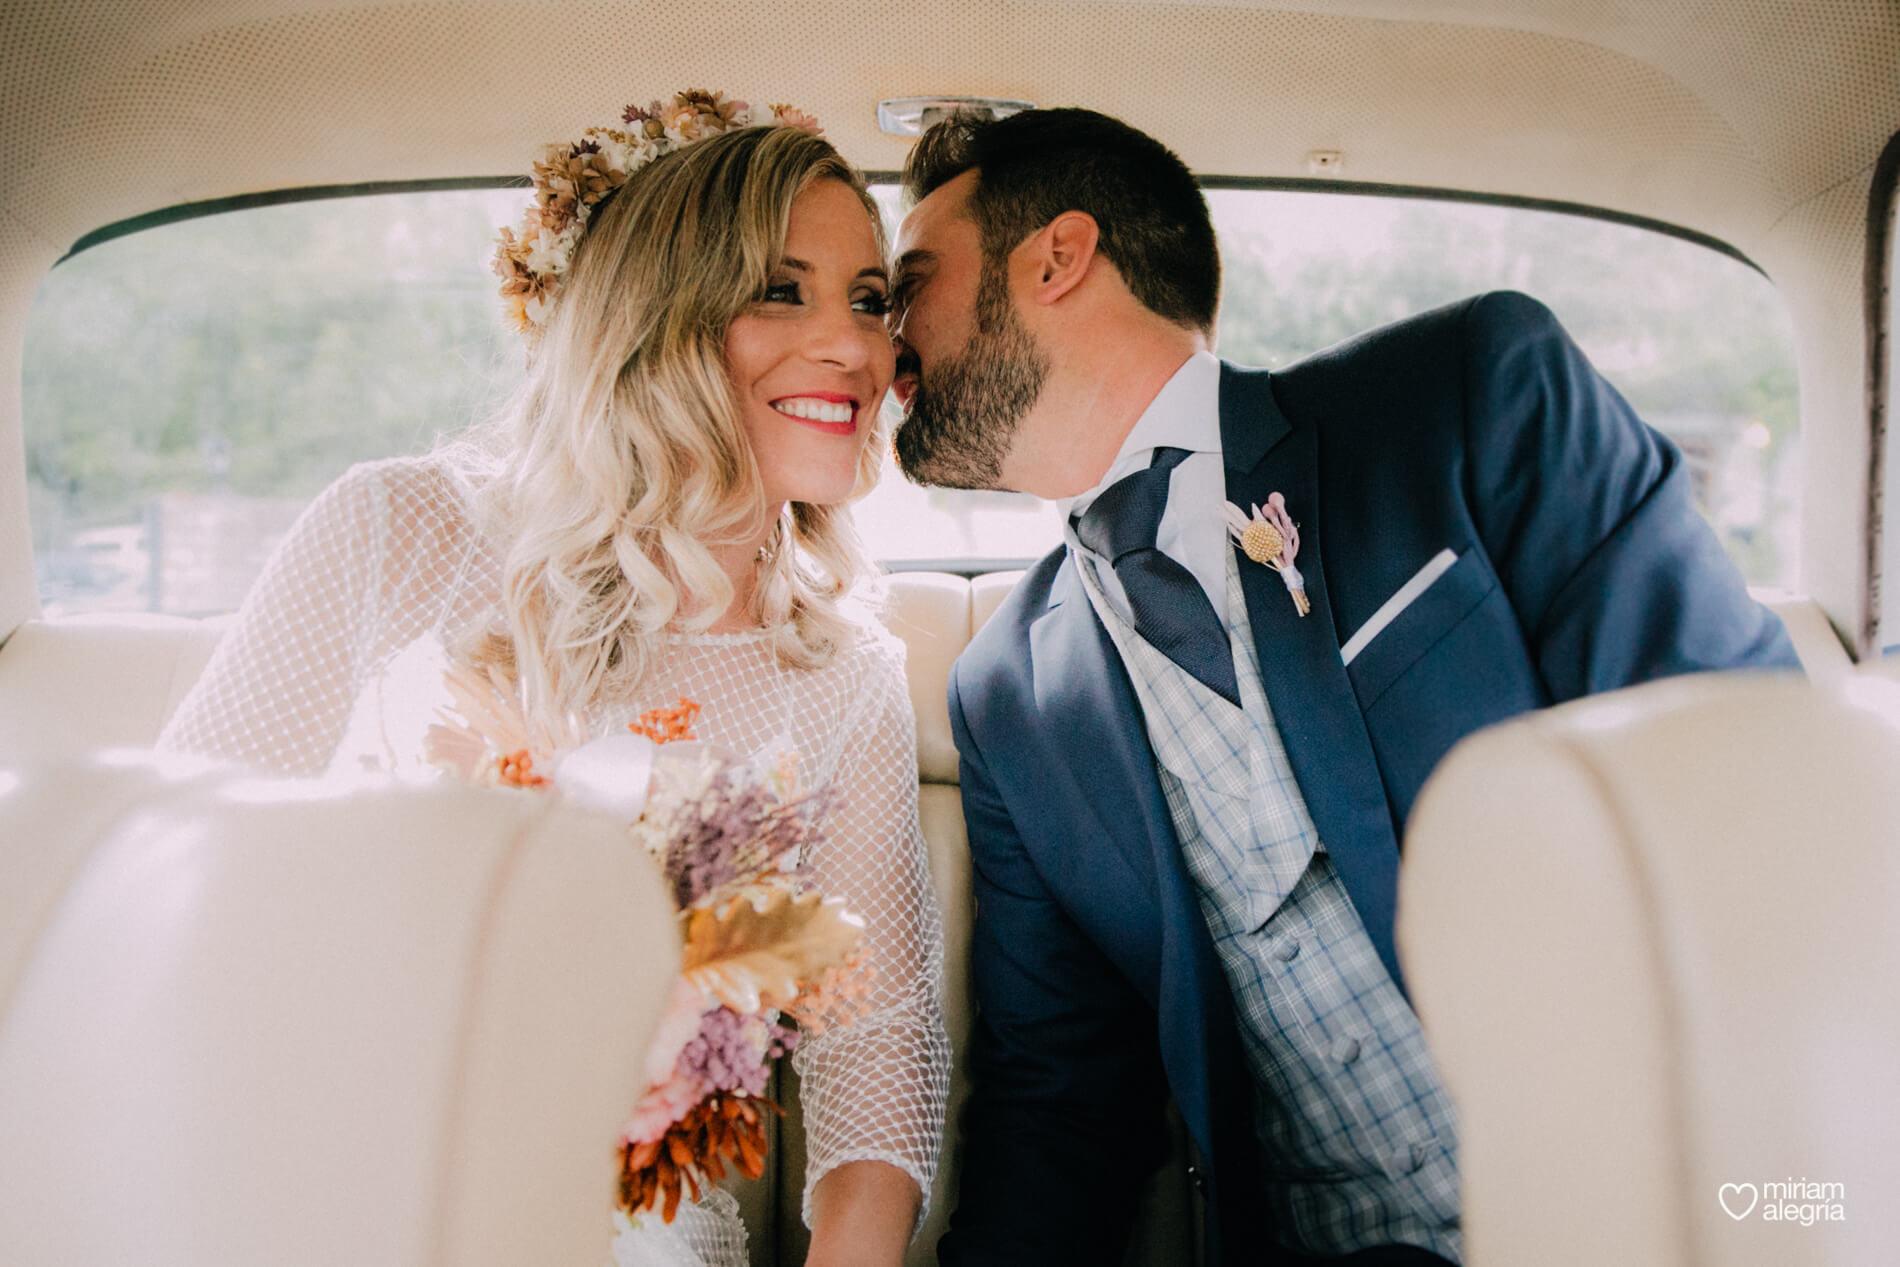 boda-en-collados-miriam-alegria-cayetana-ferrer-86